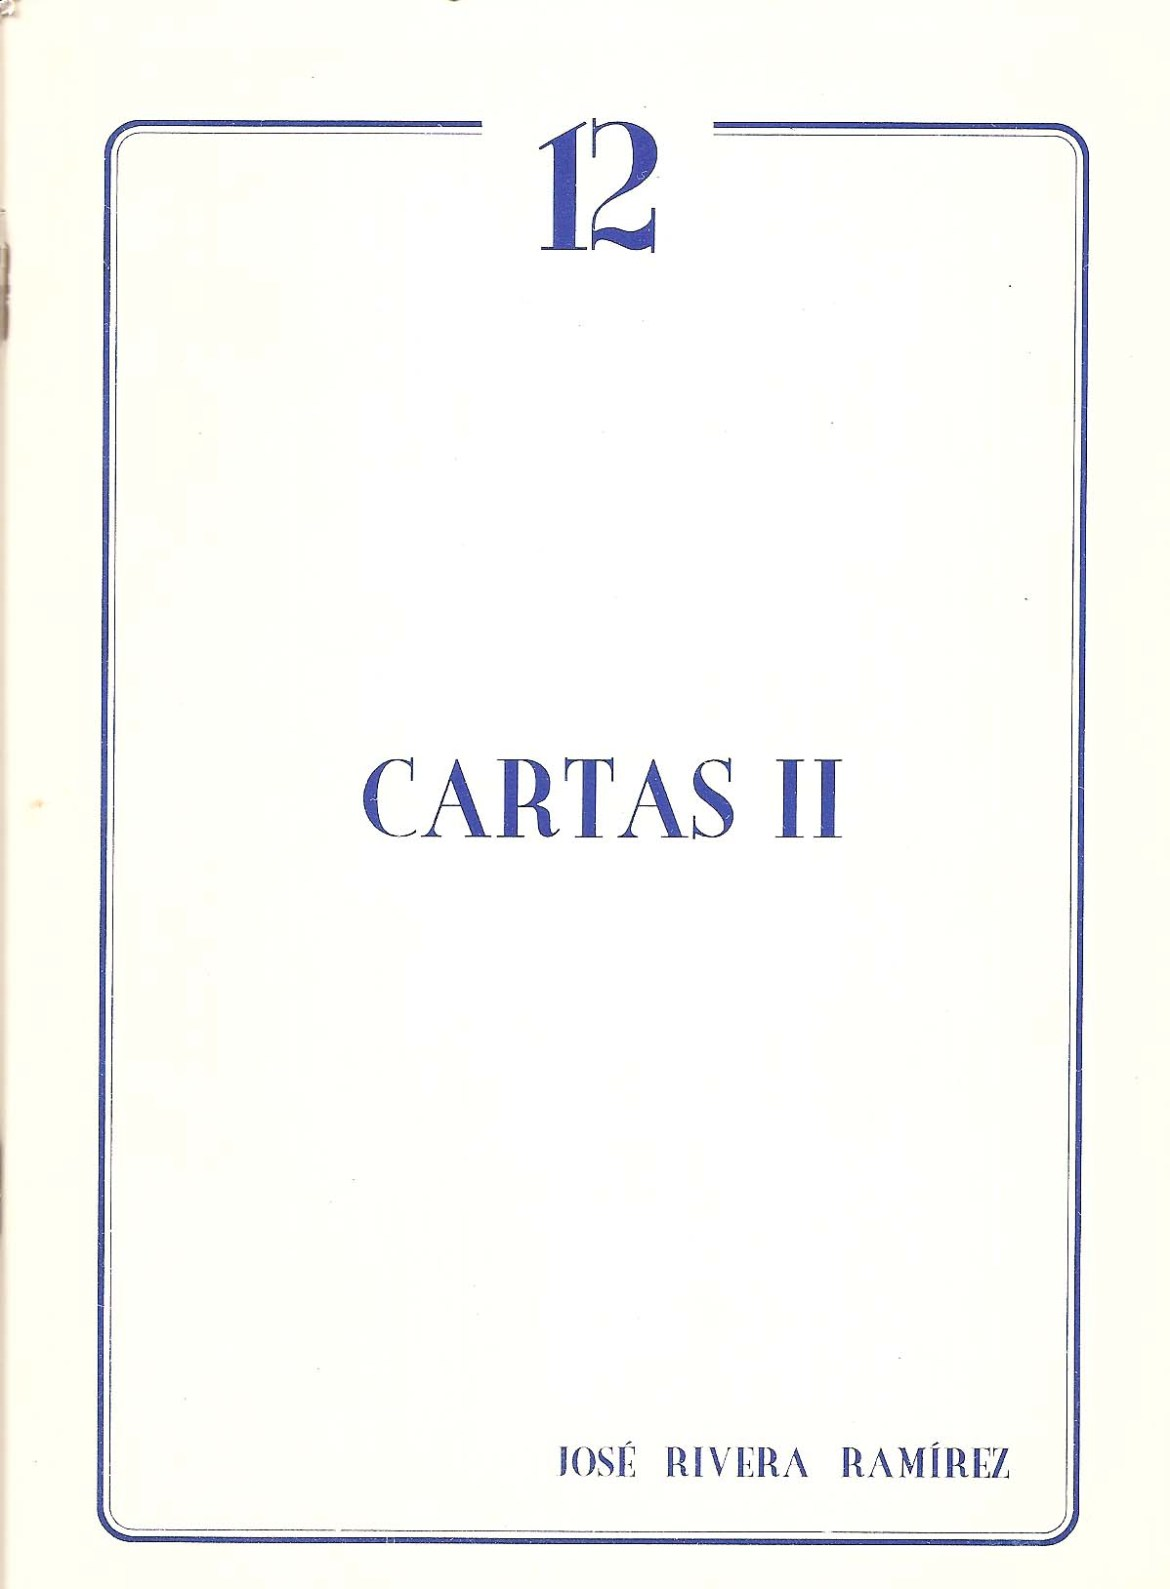 Cartas II